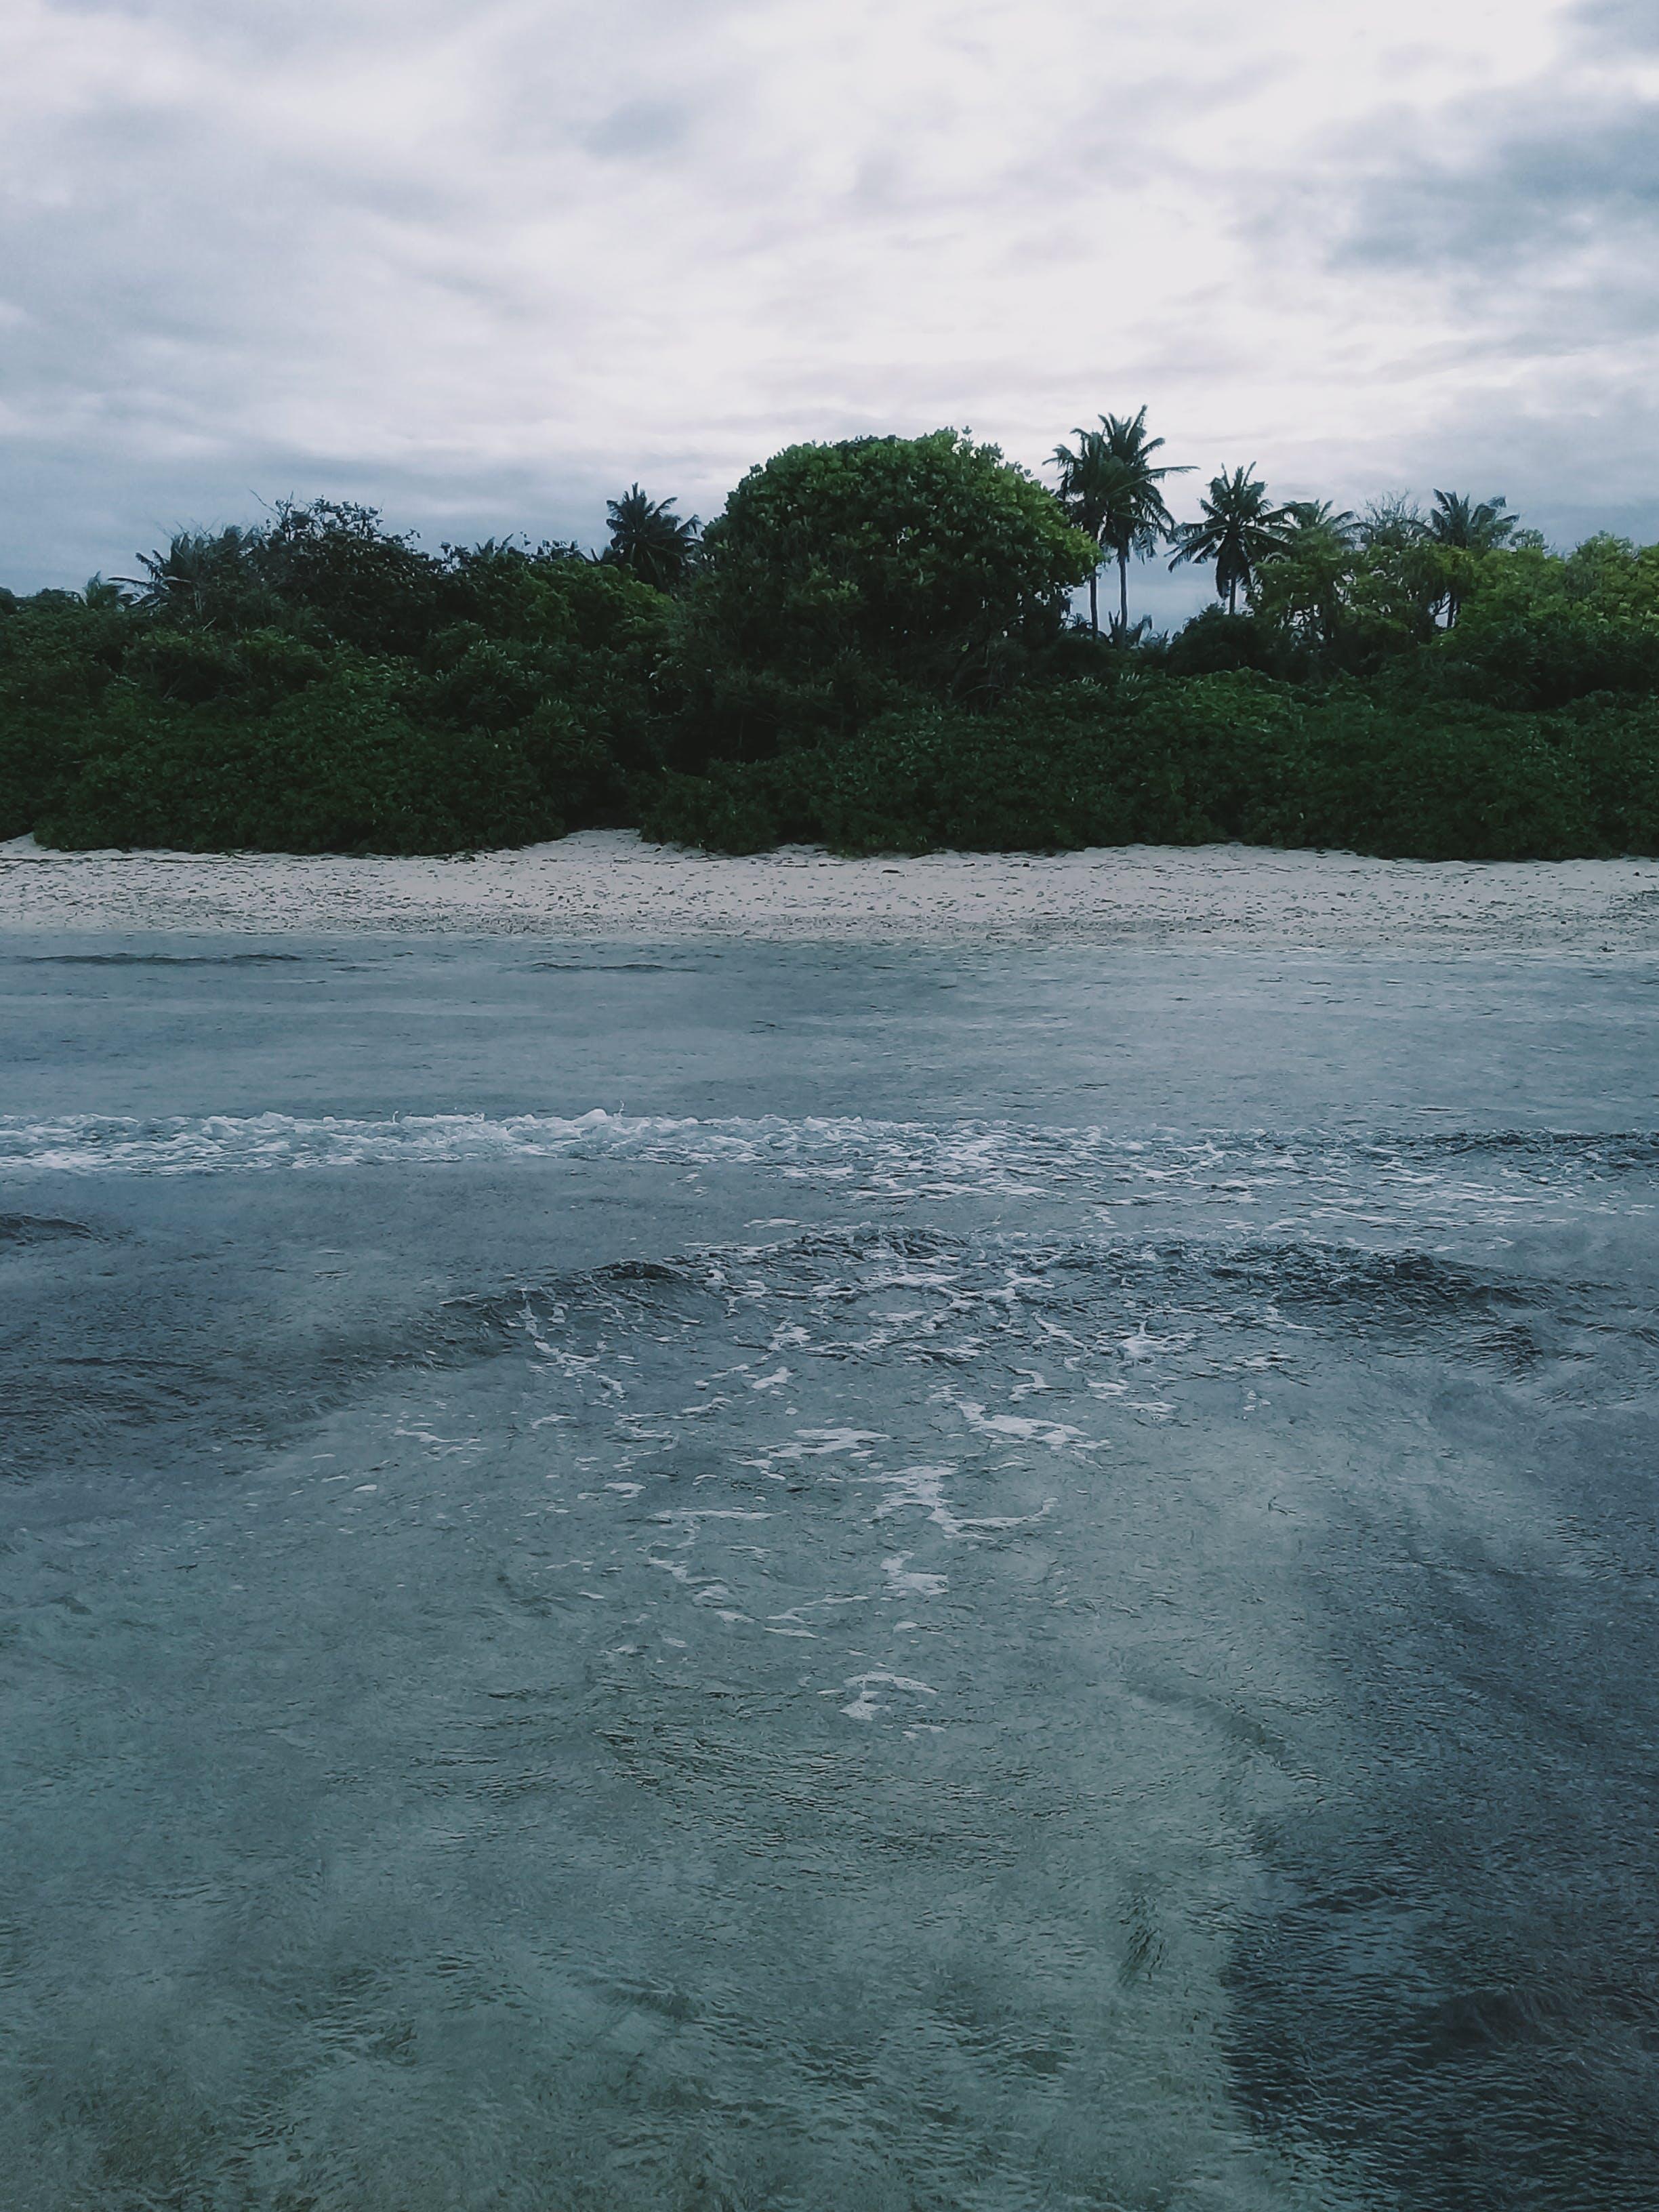 Δωρεάν στοκ φωτογραφιών με Surf, ακτή, άμμος, δέντρο